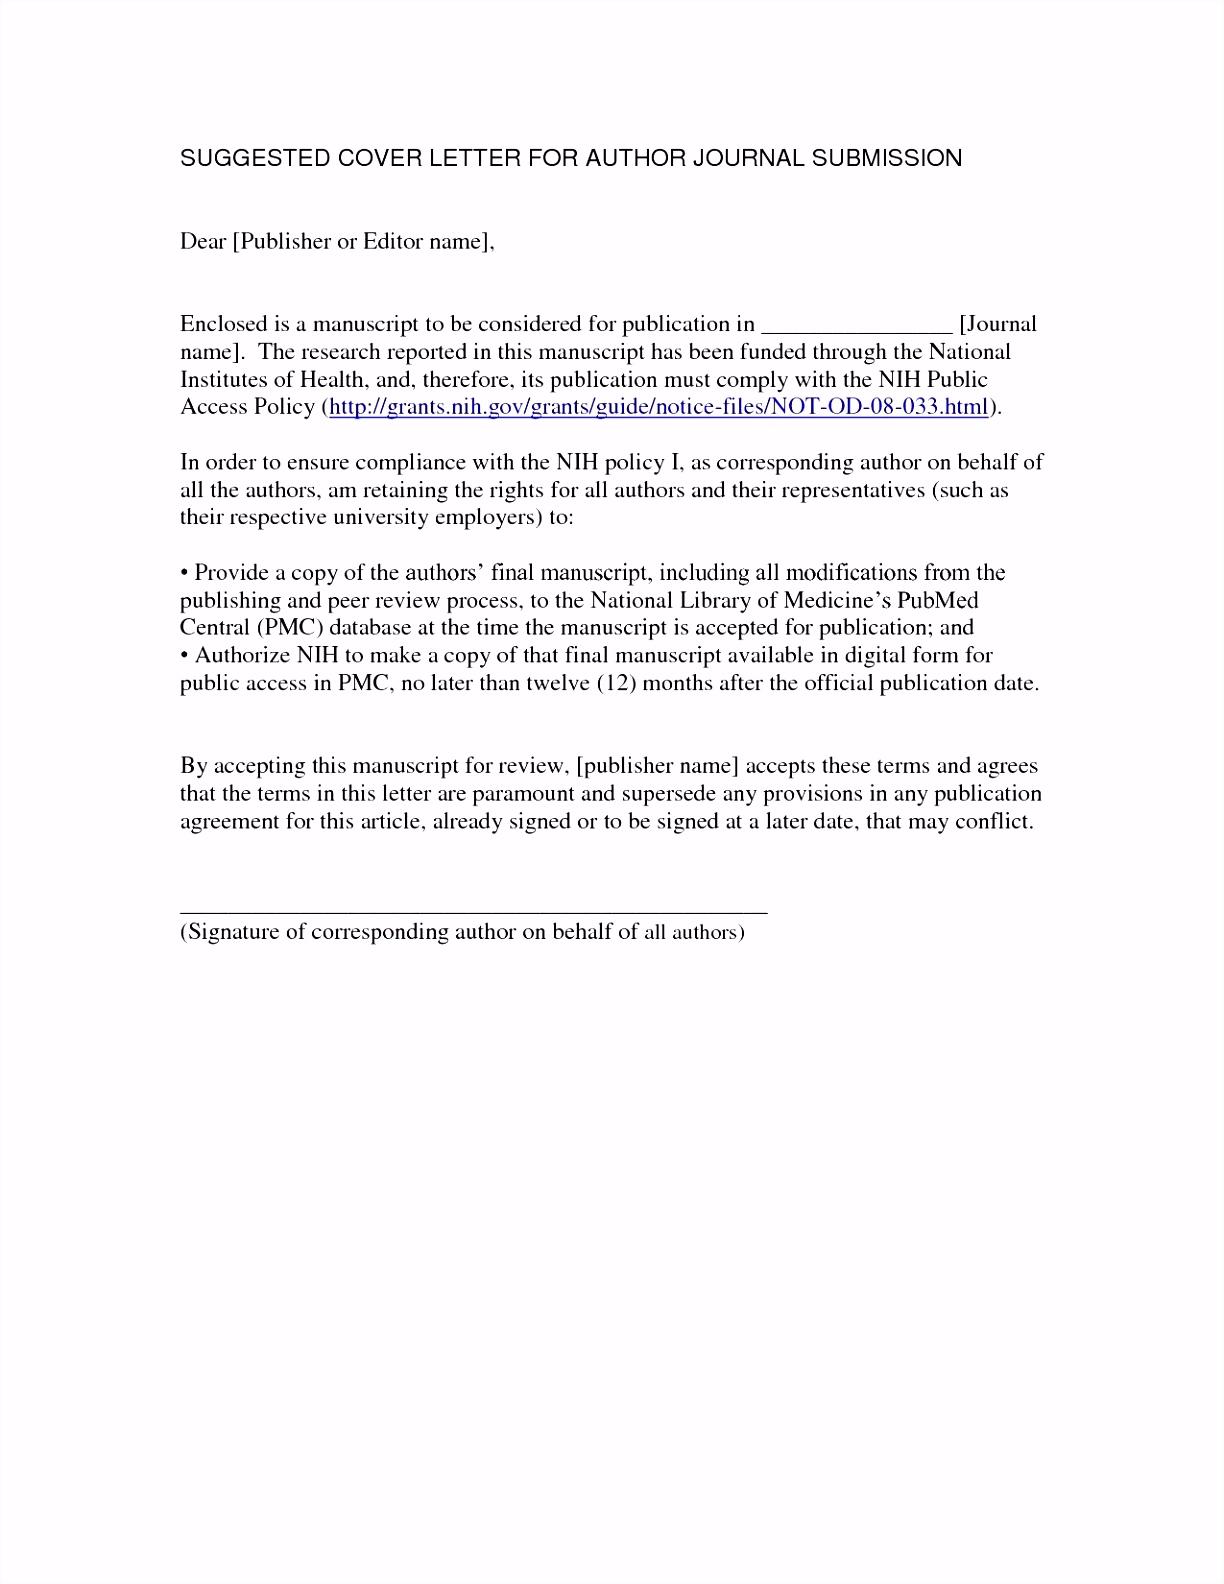 Datenschutz Vorlage Verein Abmahnung Internetseite Neu Abmahnung Wegen Zahlungsverzug Muster 2 C7ek77ghg3 T2yzu6cla5